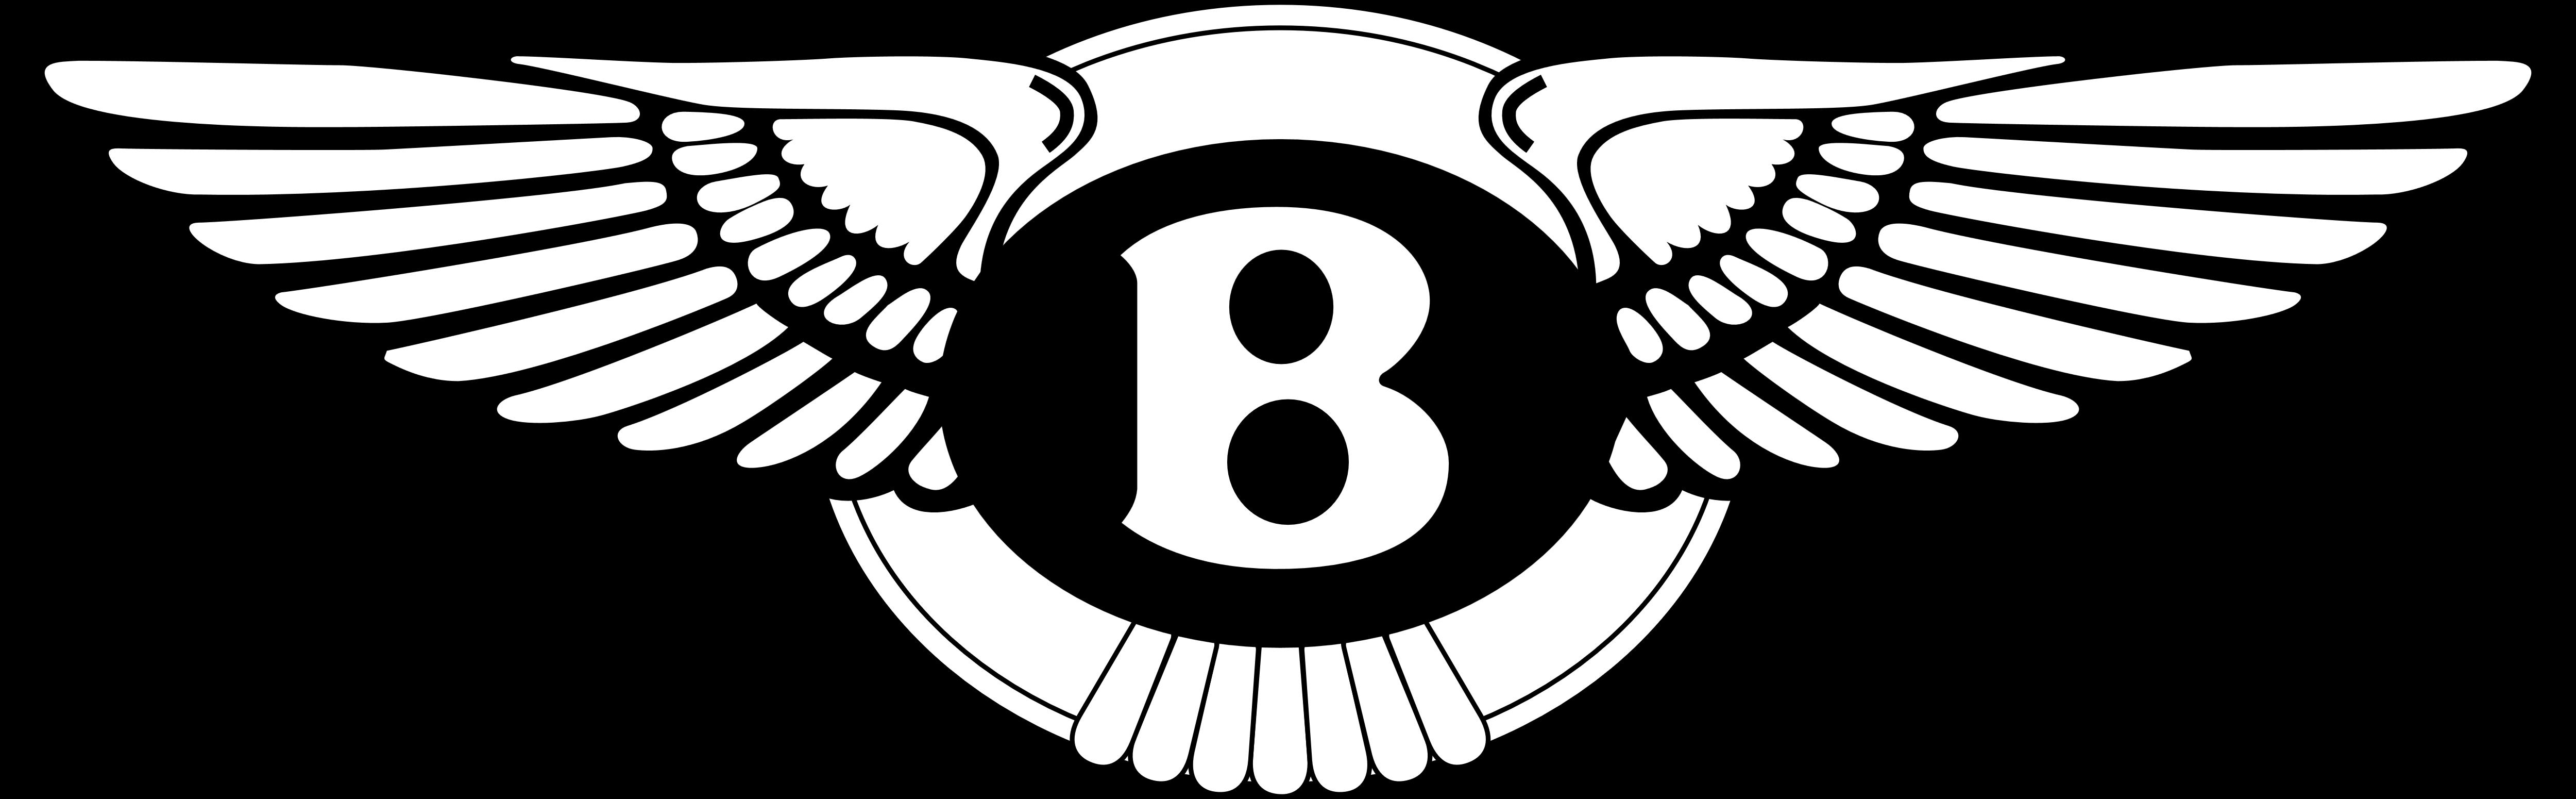 bentley logo images world cars brands rh listcarbrands com bentley university logo vector bentley logo vector download